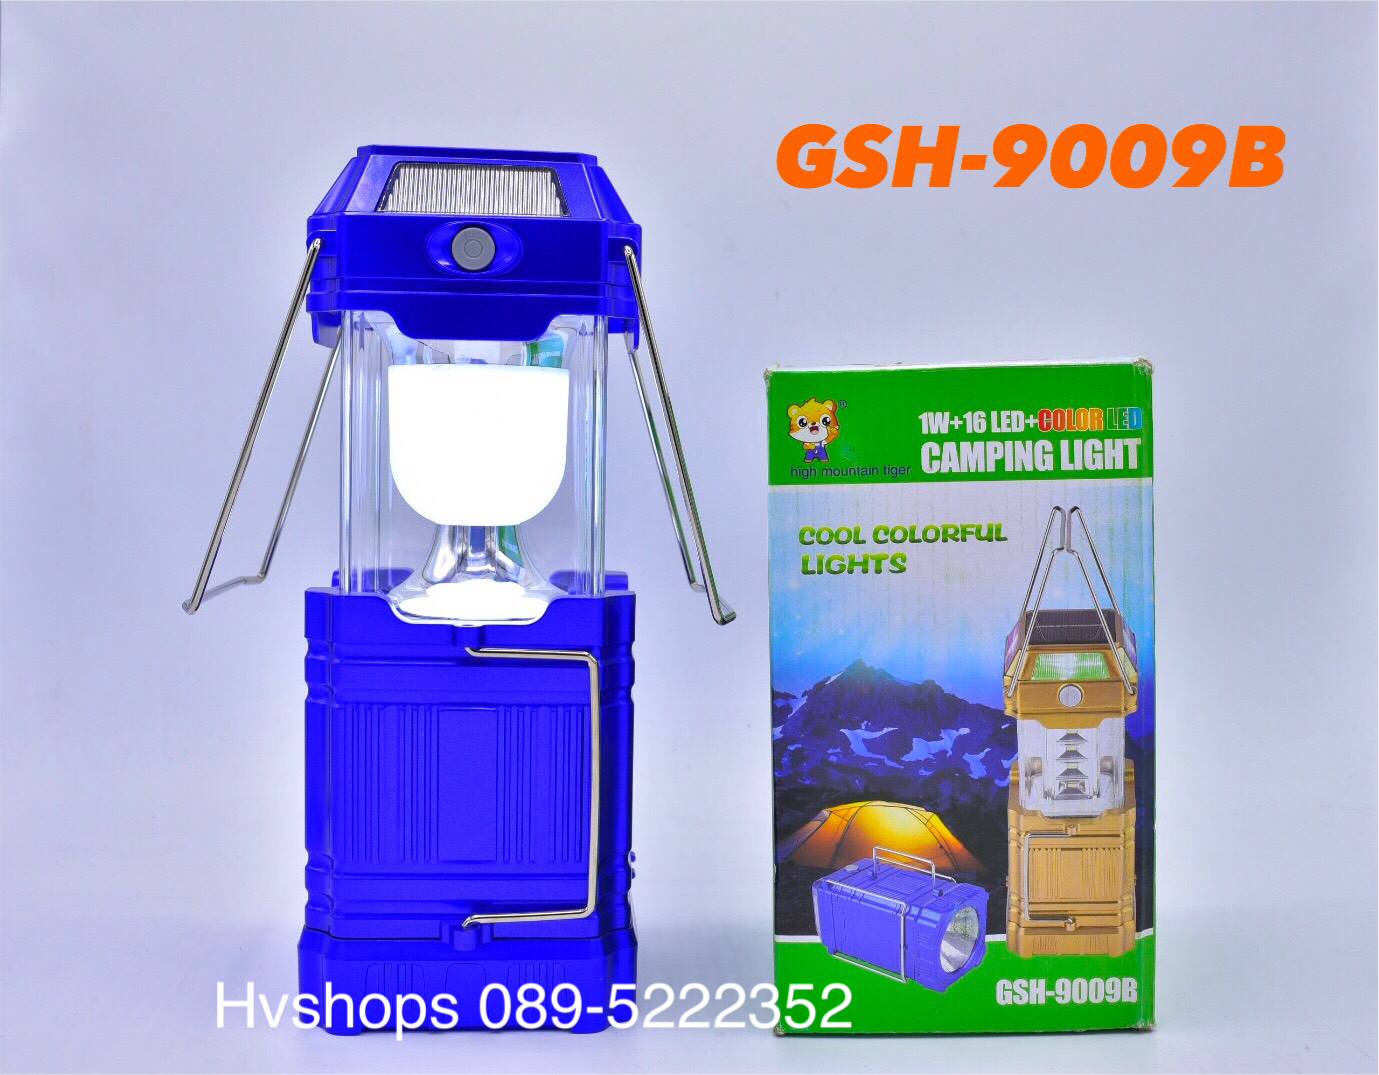 ตะเกียง LED รุ่น GSH-9009B